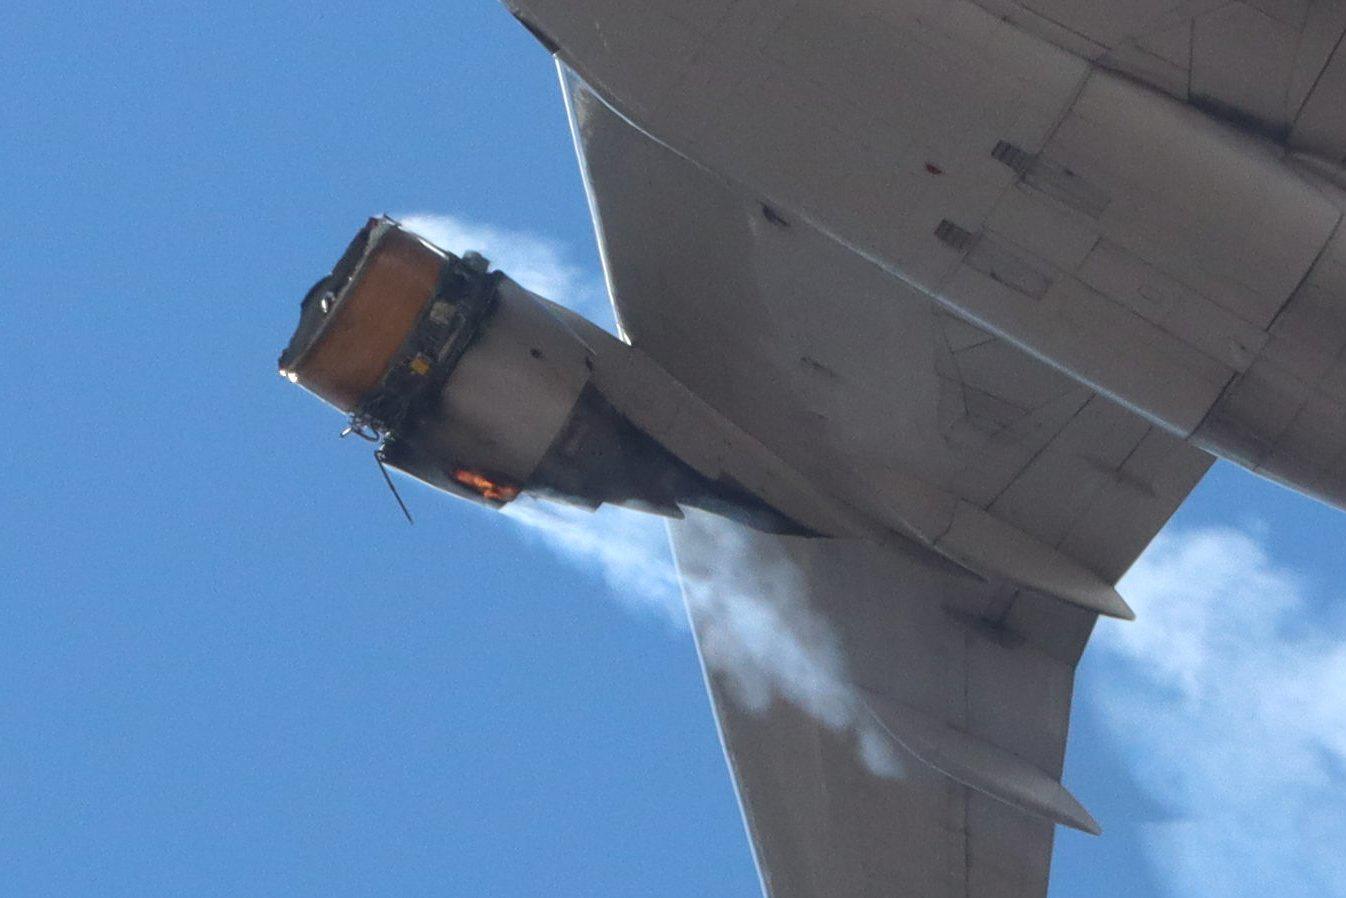 نمایی از موتور خراب شده ی هواپیما در حال دود کردن در آسمان